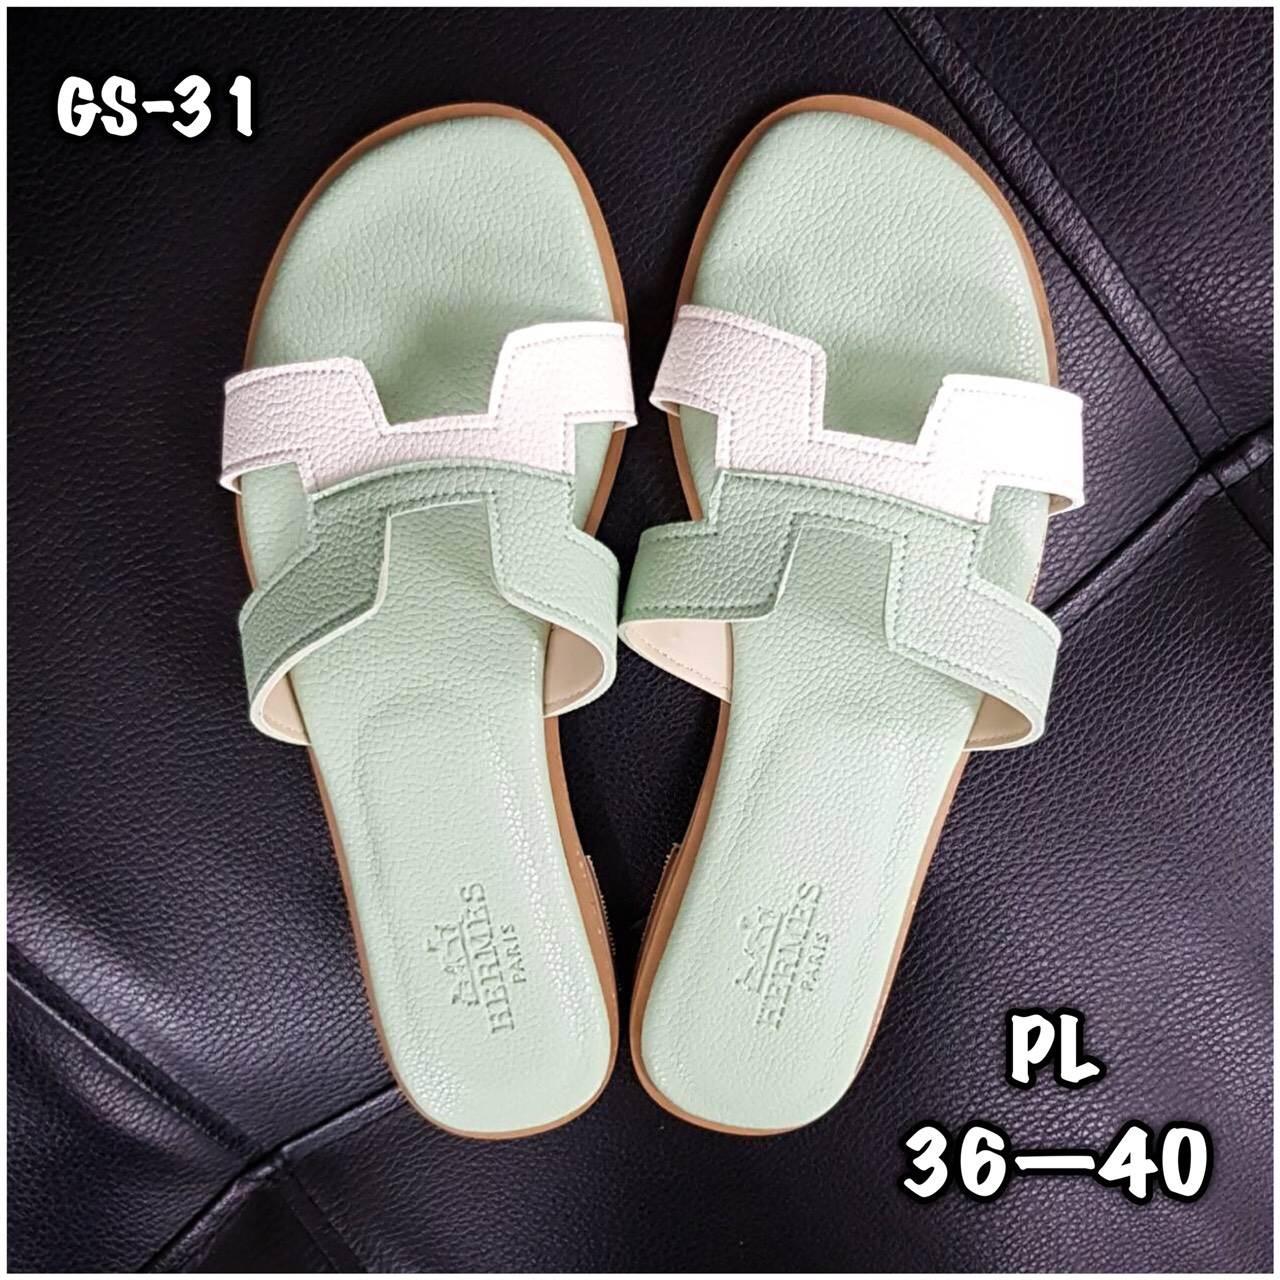 รองเท้าแตะแฟชั่น แบบสวม คาดหน้า H สไตล์แอร์เมส ตัดสีสวยเก๋ หนังนิ่ม ทรงสวย ใส่สบาย แมทสวยได้ทุกชุด (GS-31)